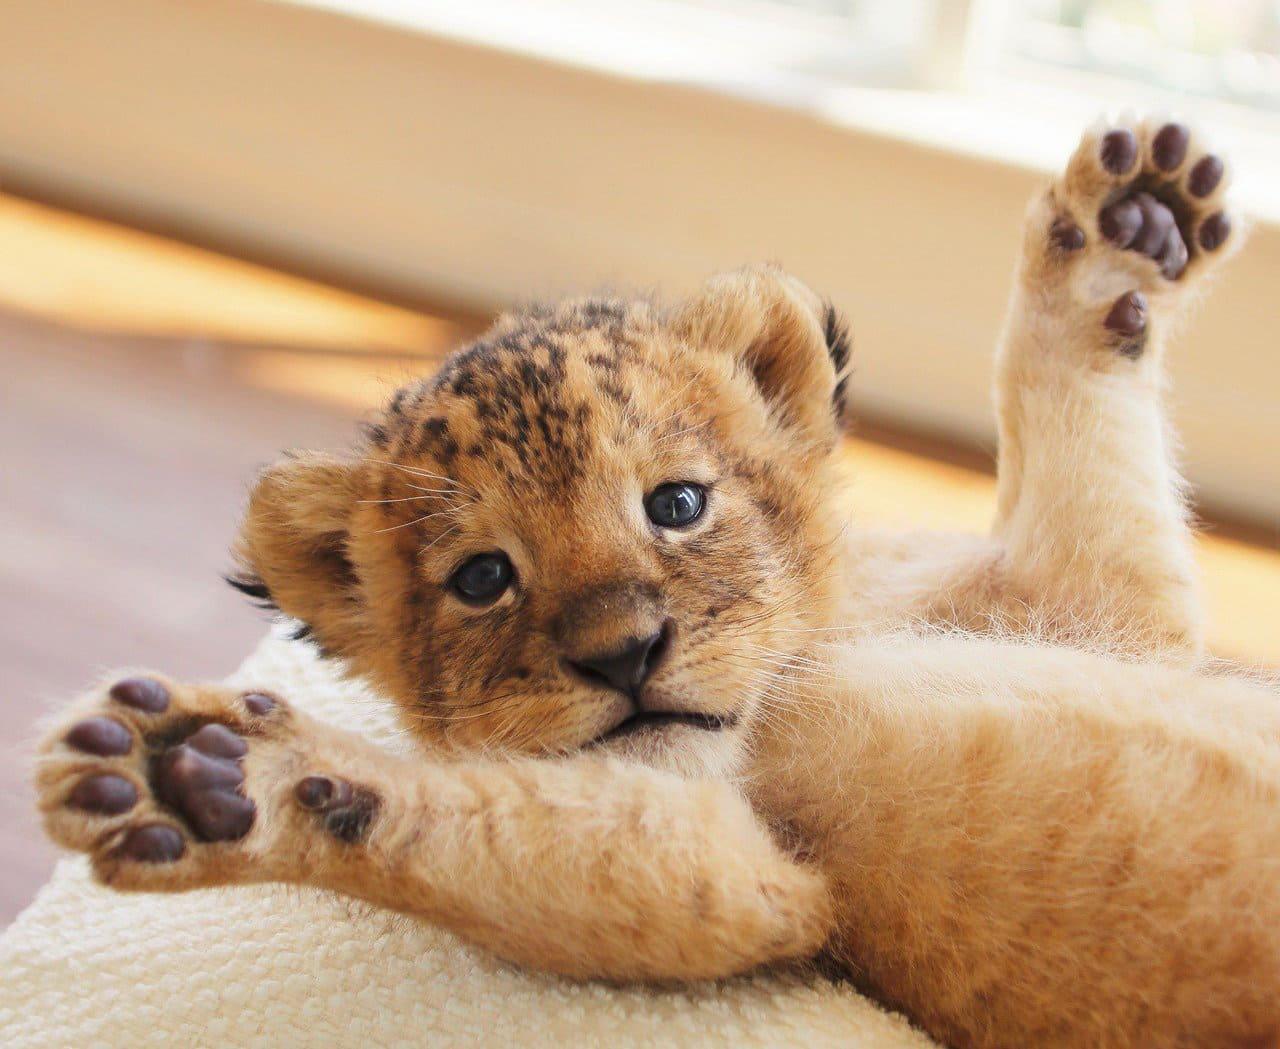 Quel est cet animal sauvage et dangereux de la faune que si il étais inofensif...aimeriez en avoir un comme animal de compagnie ? Toto-Kappa-Bebes-Lion-Tigre-Kyushu-5